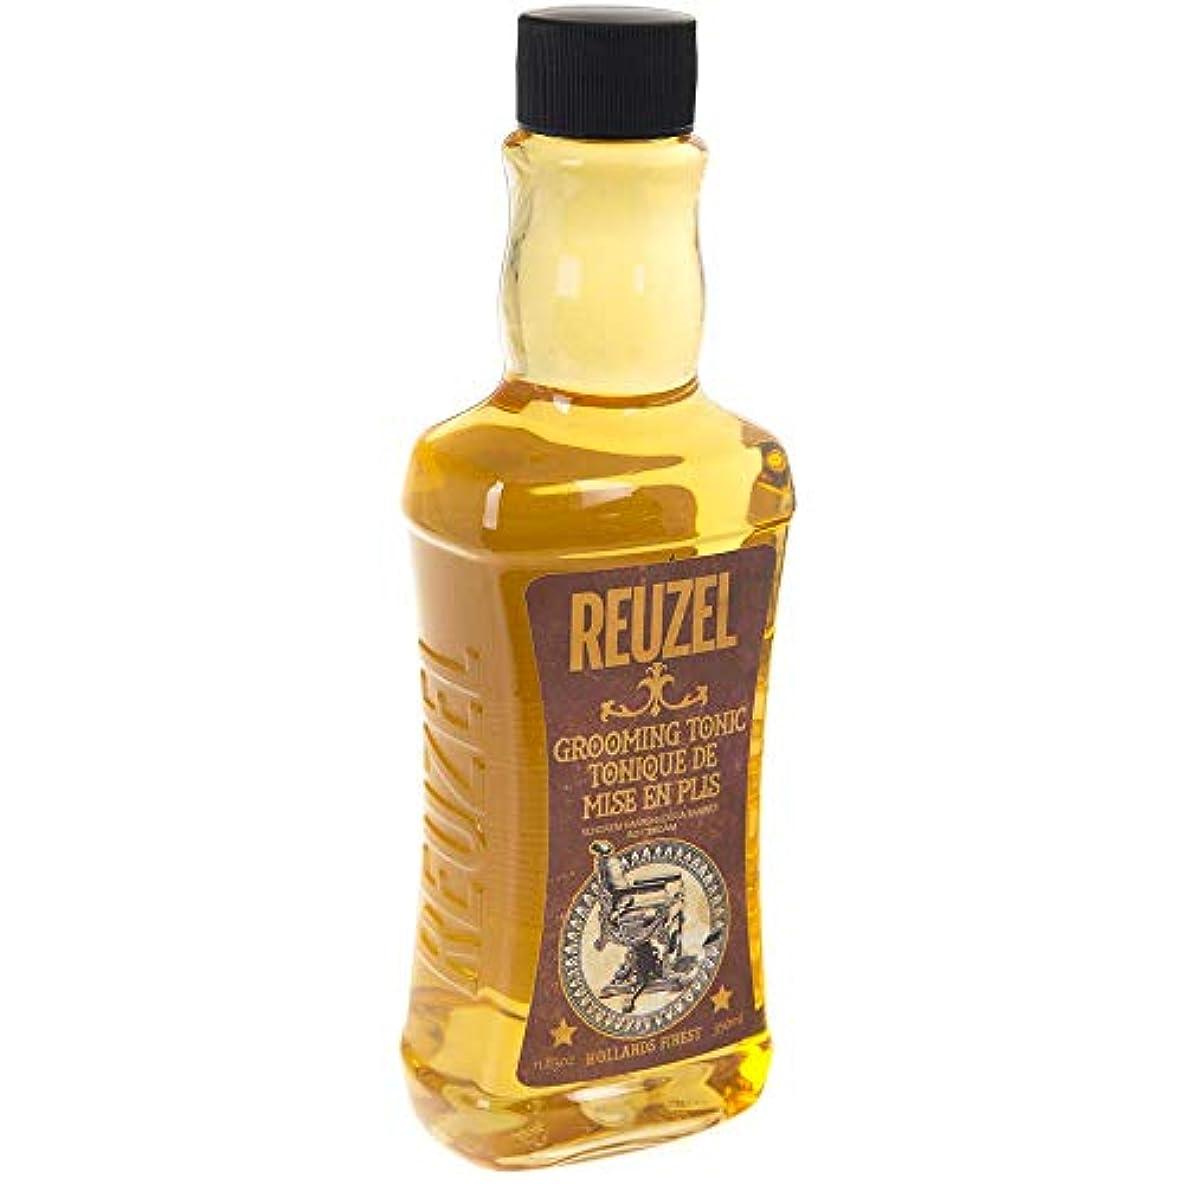 変形有用確立しますルーゾー グルーミング トニック Reuzel Grooming Tonic 350 ml [並行輸入品]